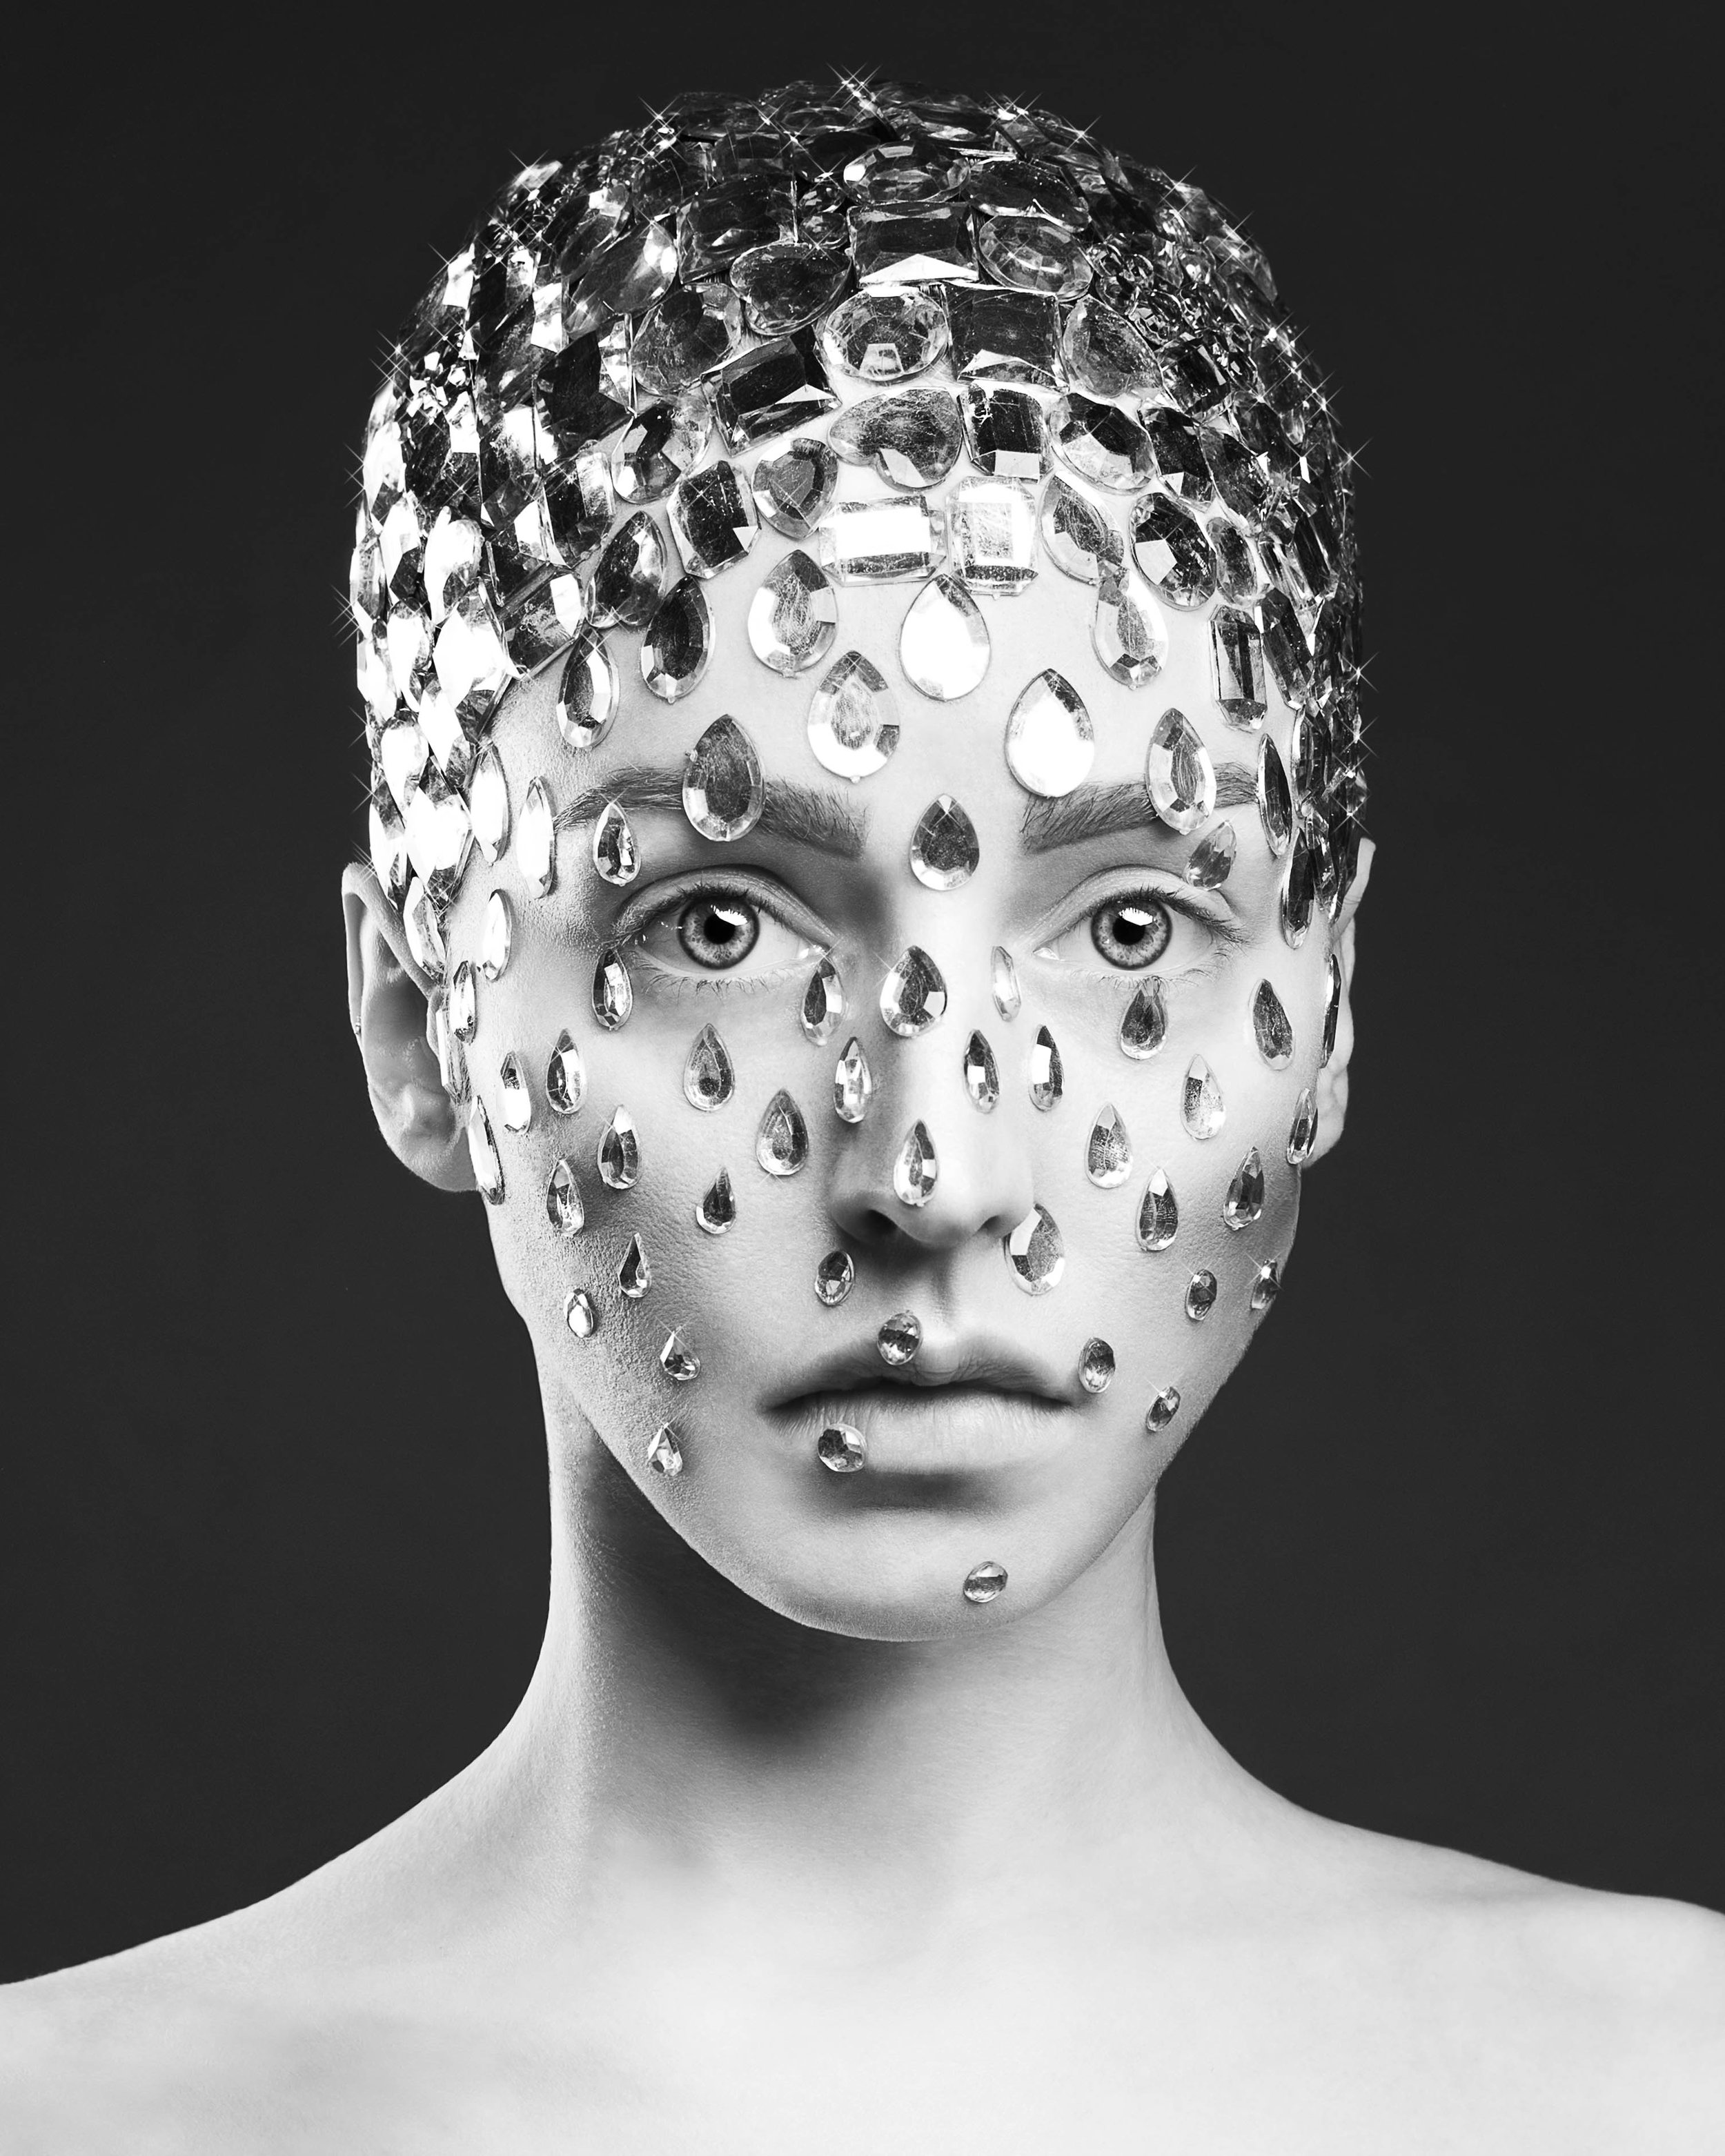 juliette-jourdain-valerie-paumelle-agent-photographe.jpg